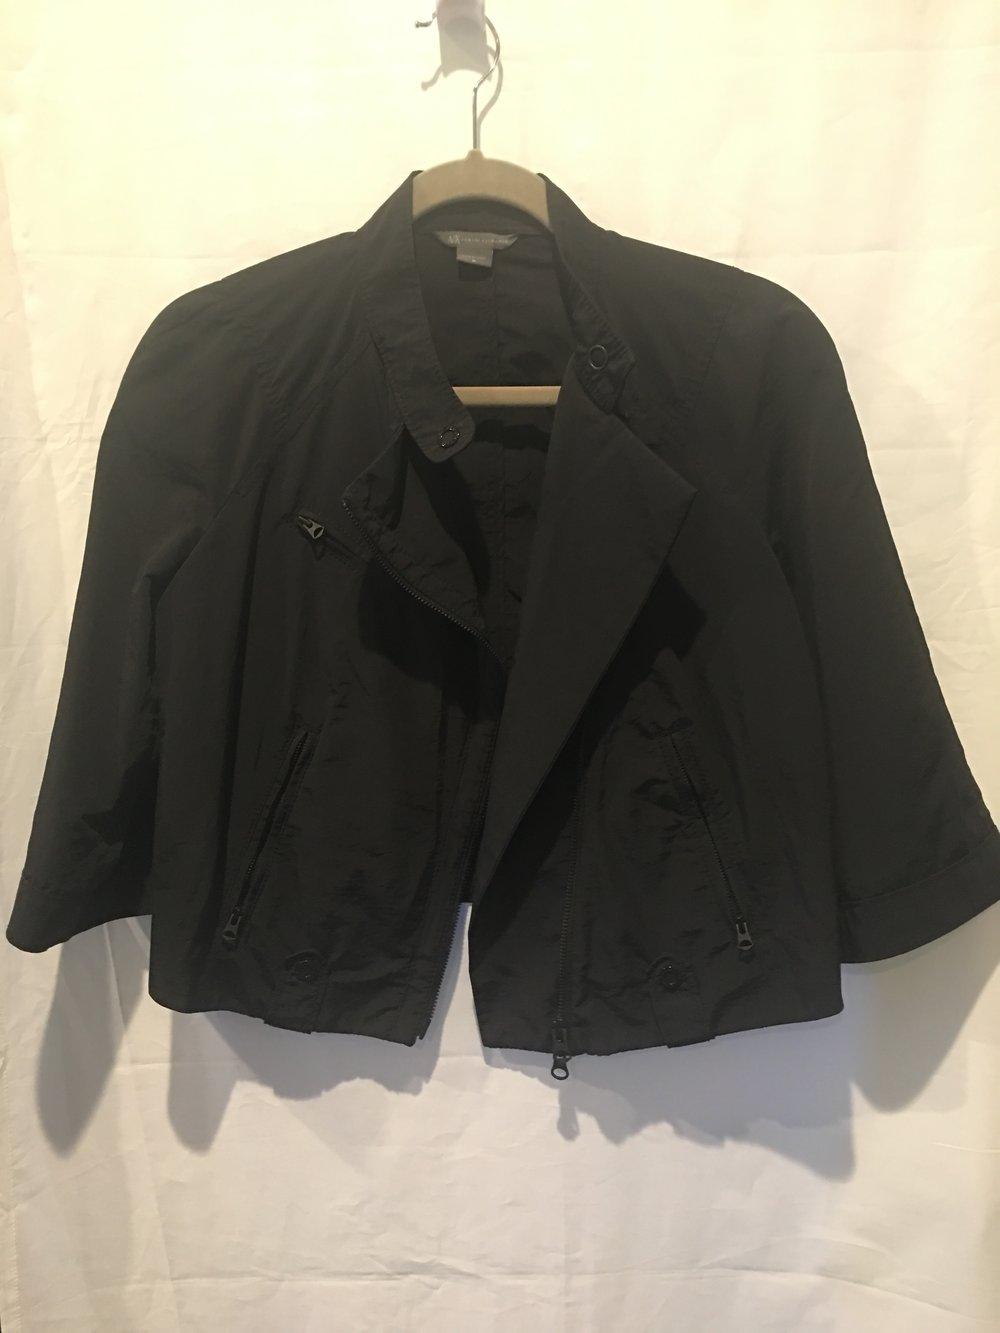 Armani Black Jacket.jpg